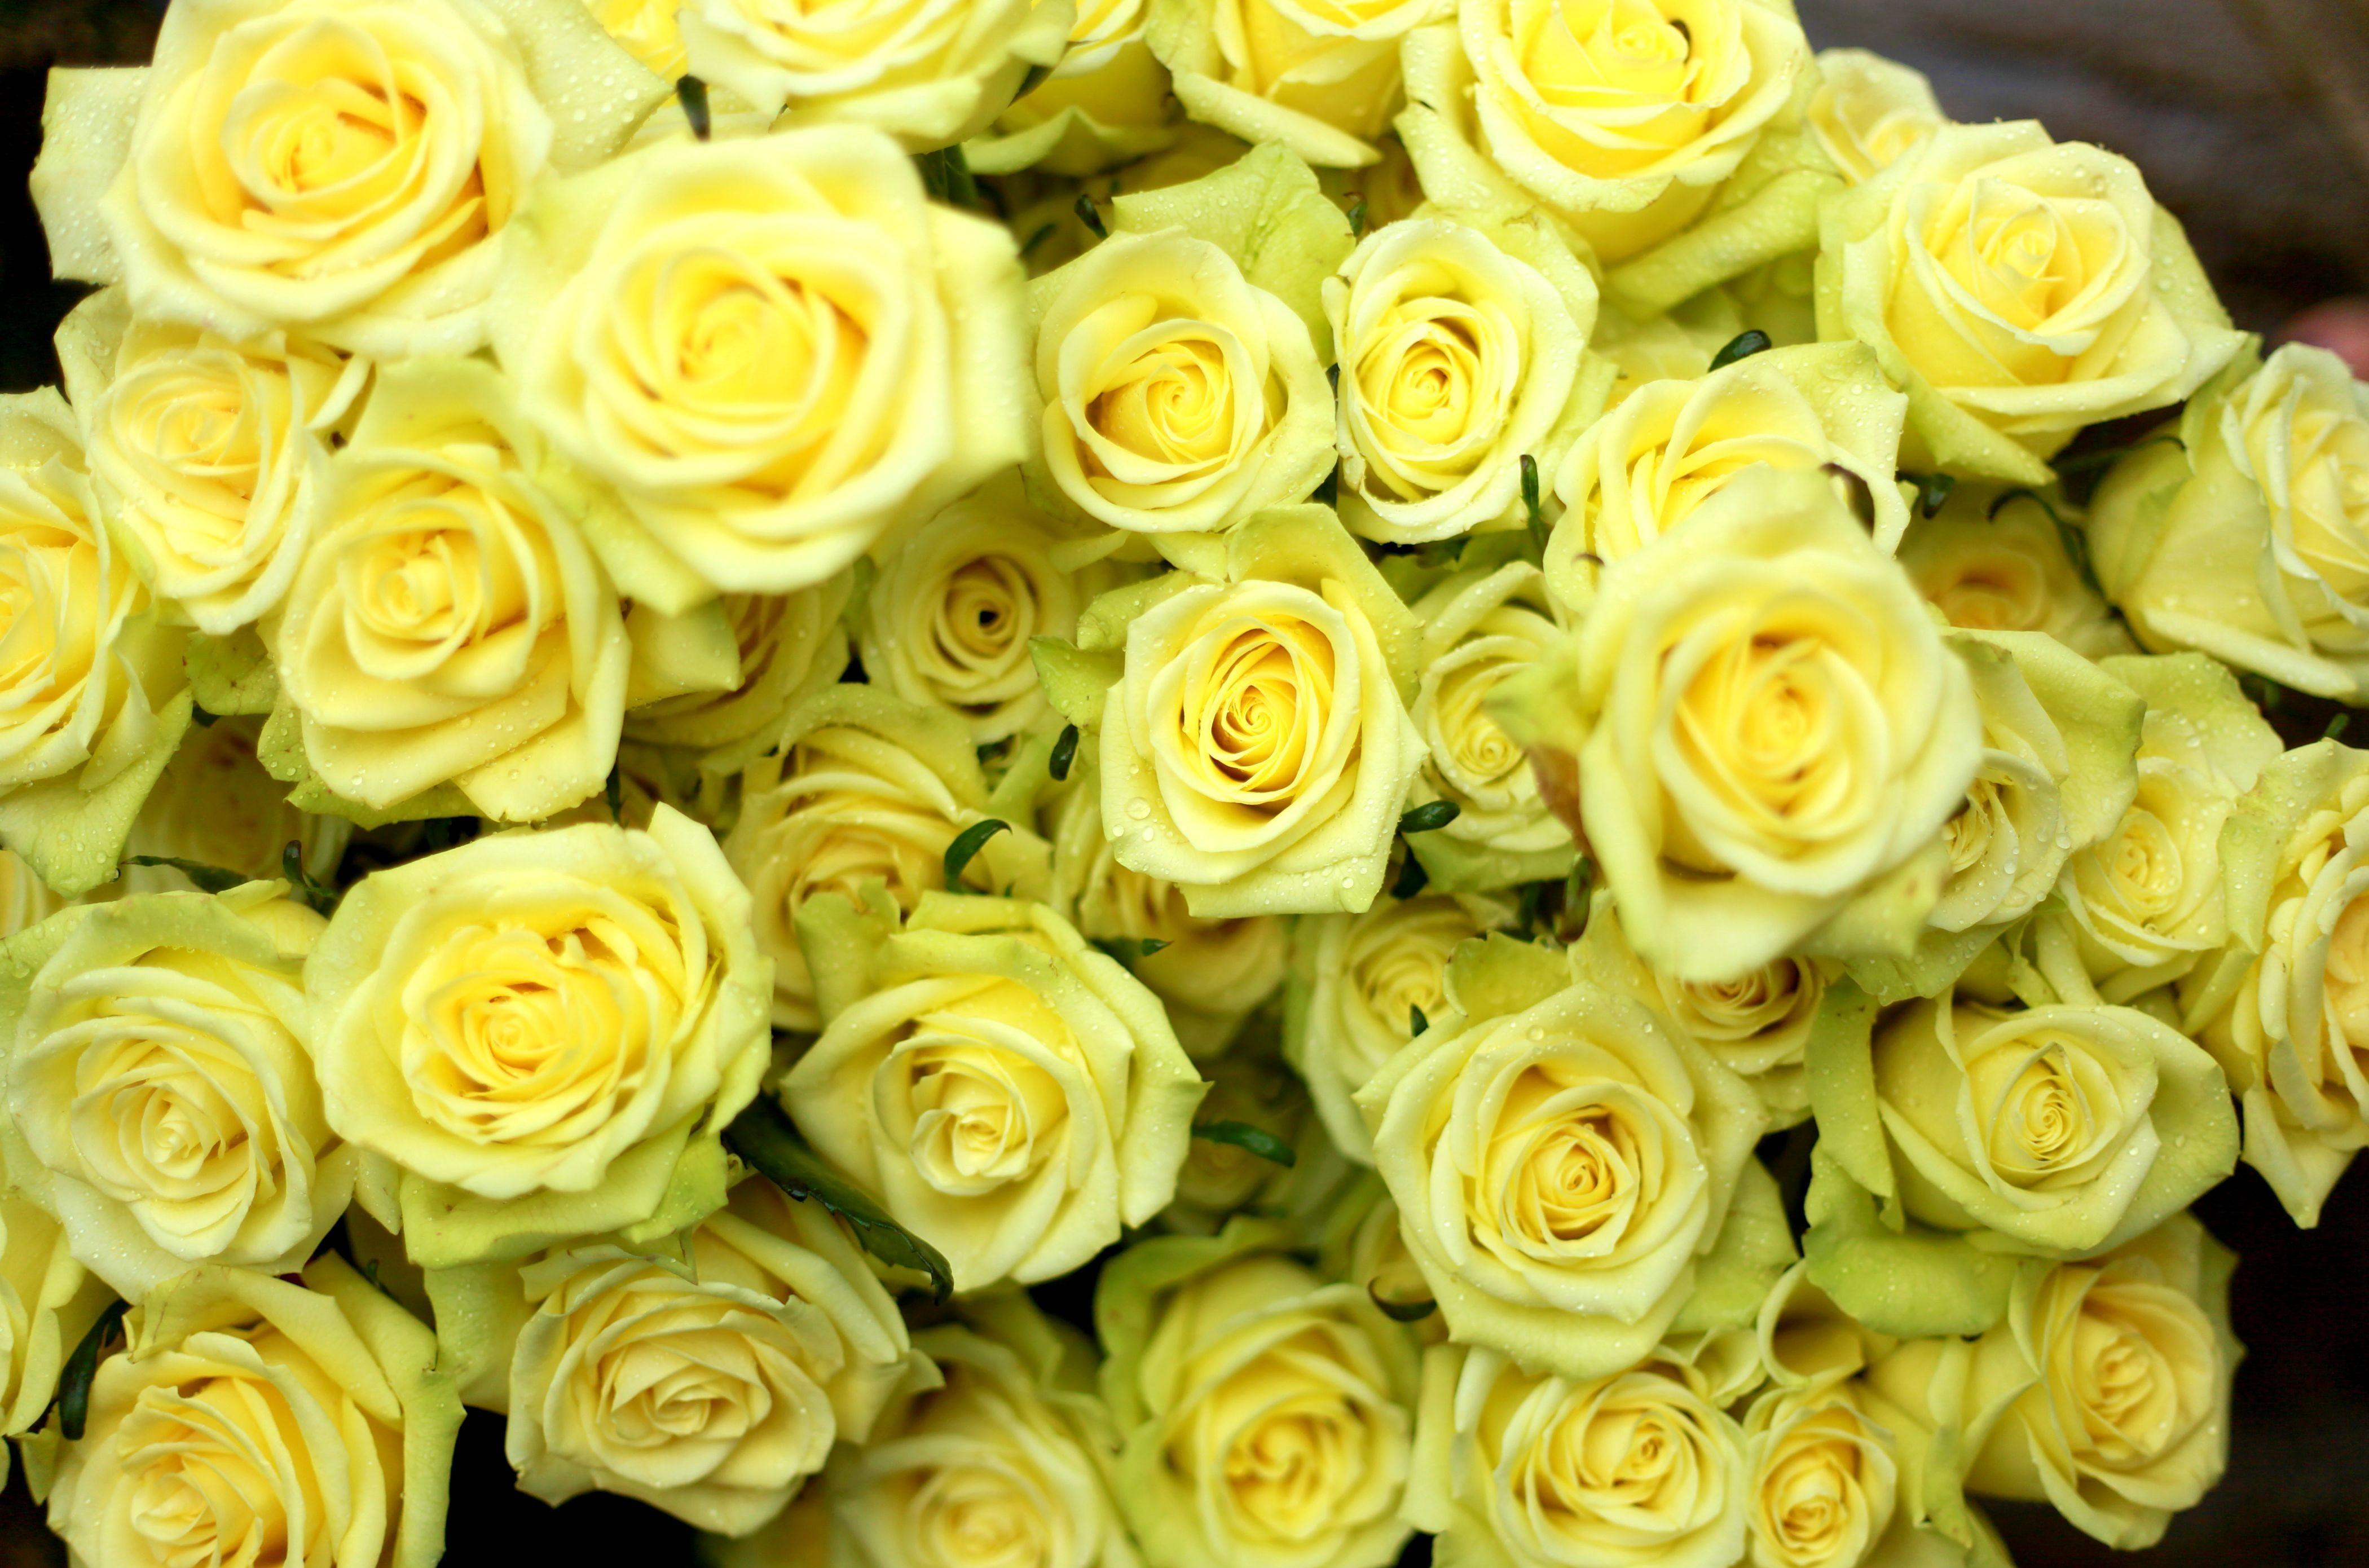 147748 скачать Желтые обои на телефон бесплатно, Цветы, Розы, Капли, Букет, Мокрые Желтые картинки и заставки на мобильный